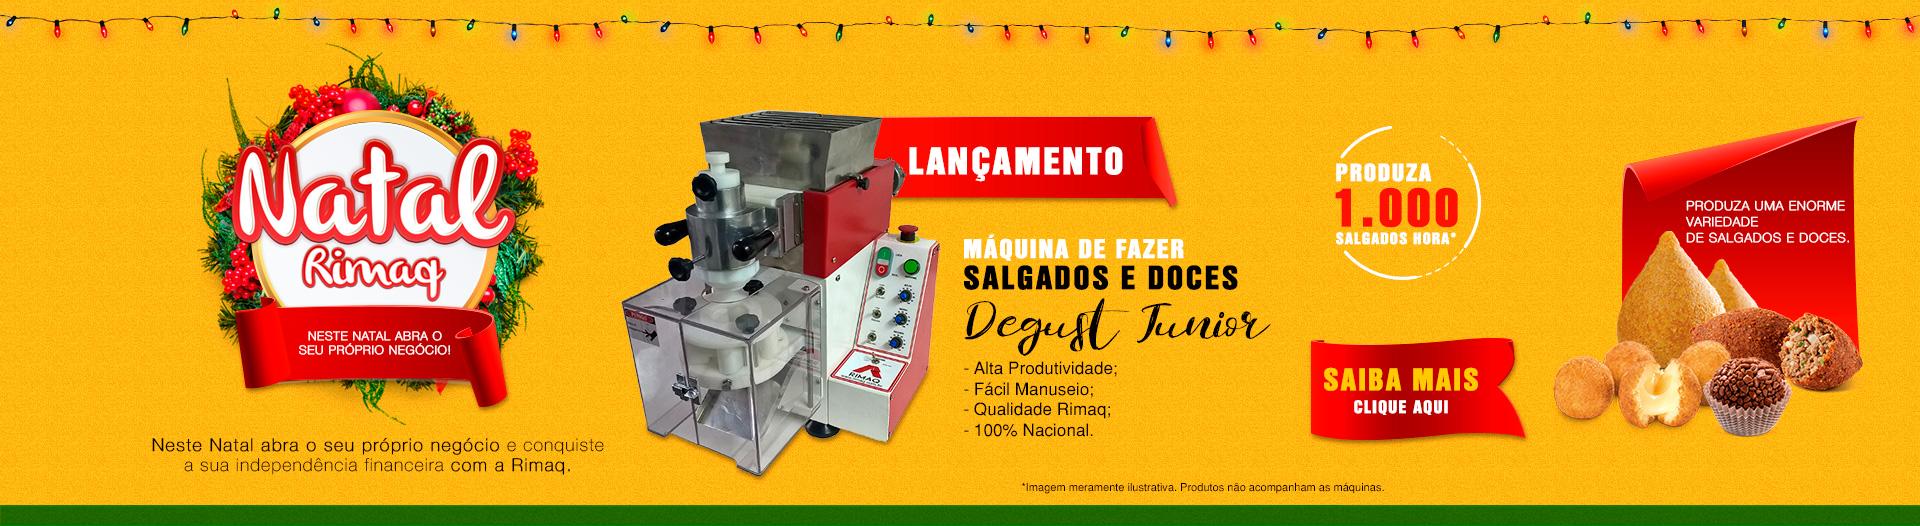 rimaq-banner-natal-degust-junuior-maquina-de-salgados